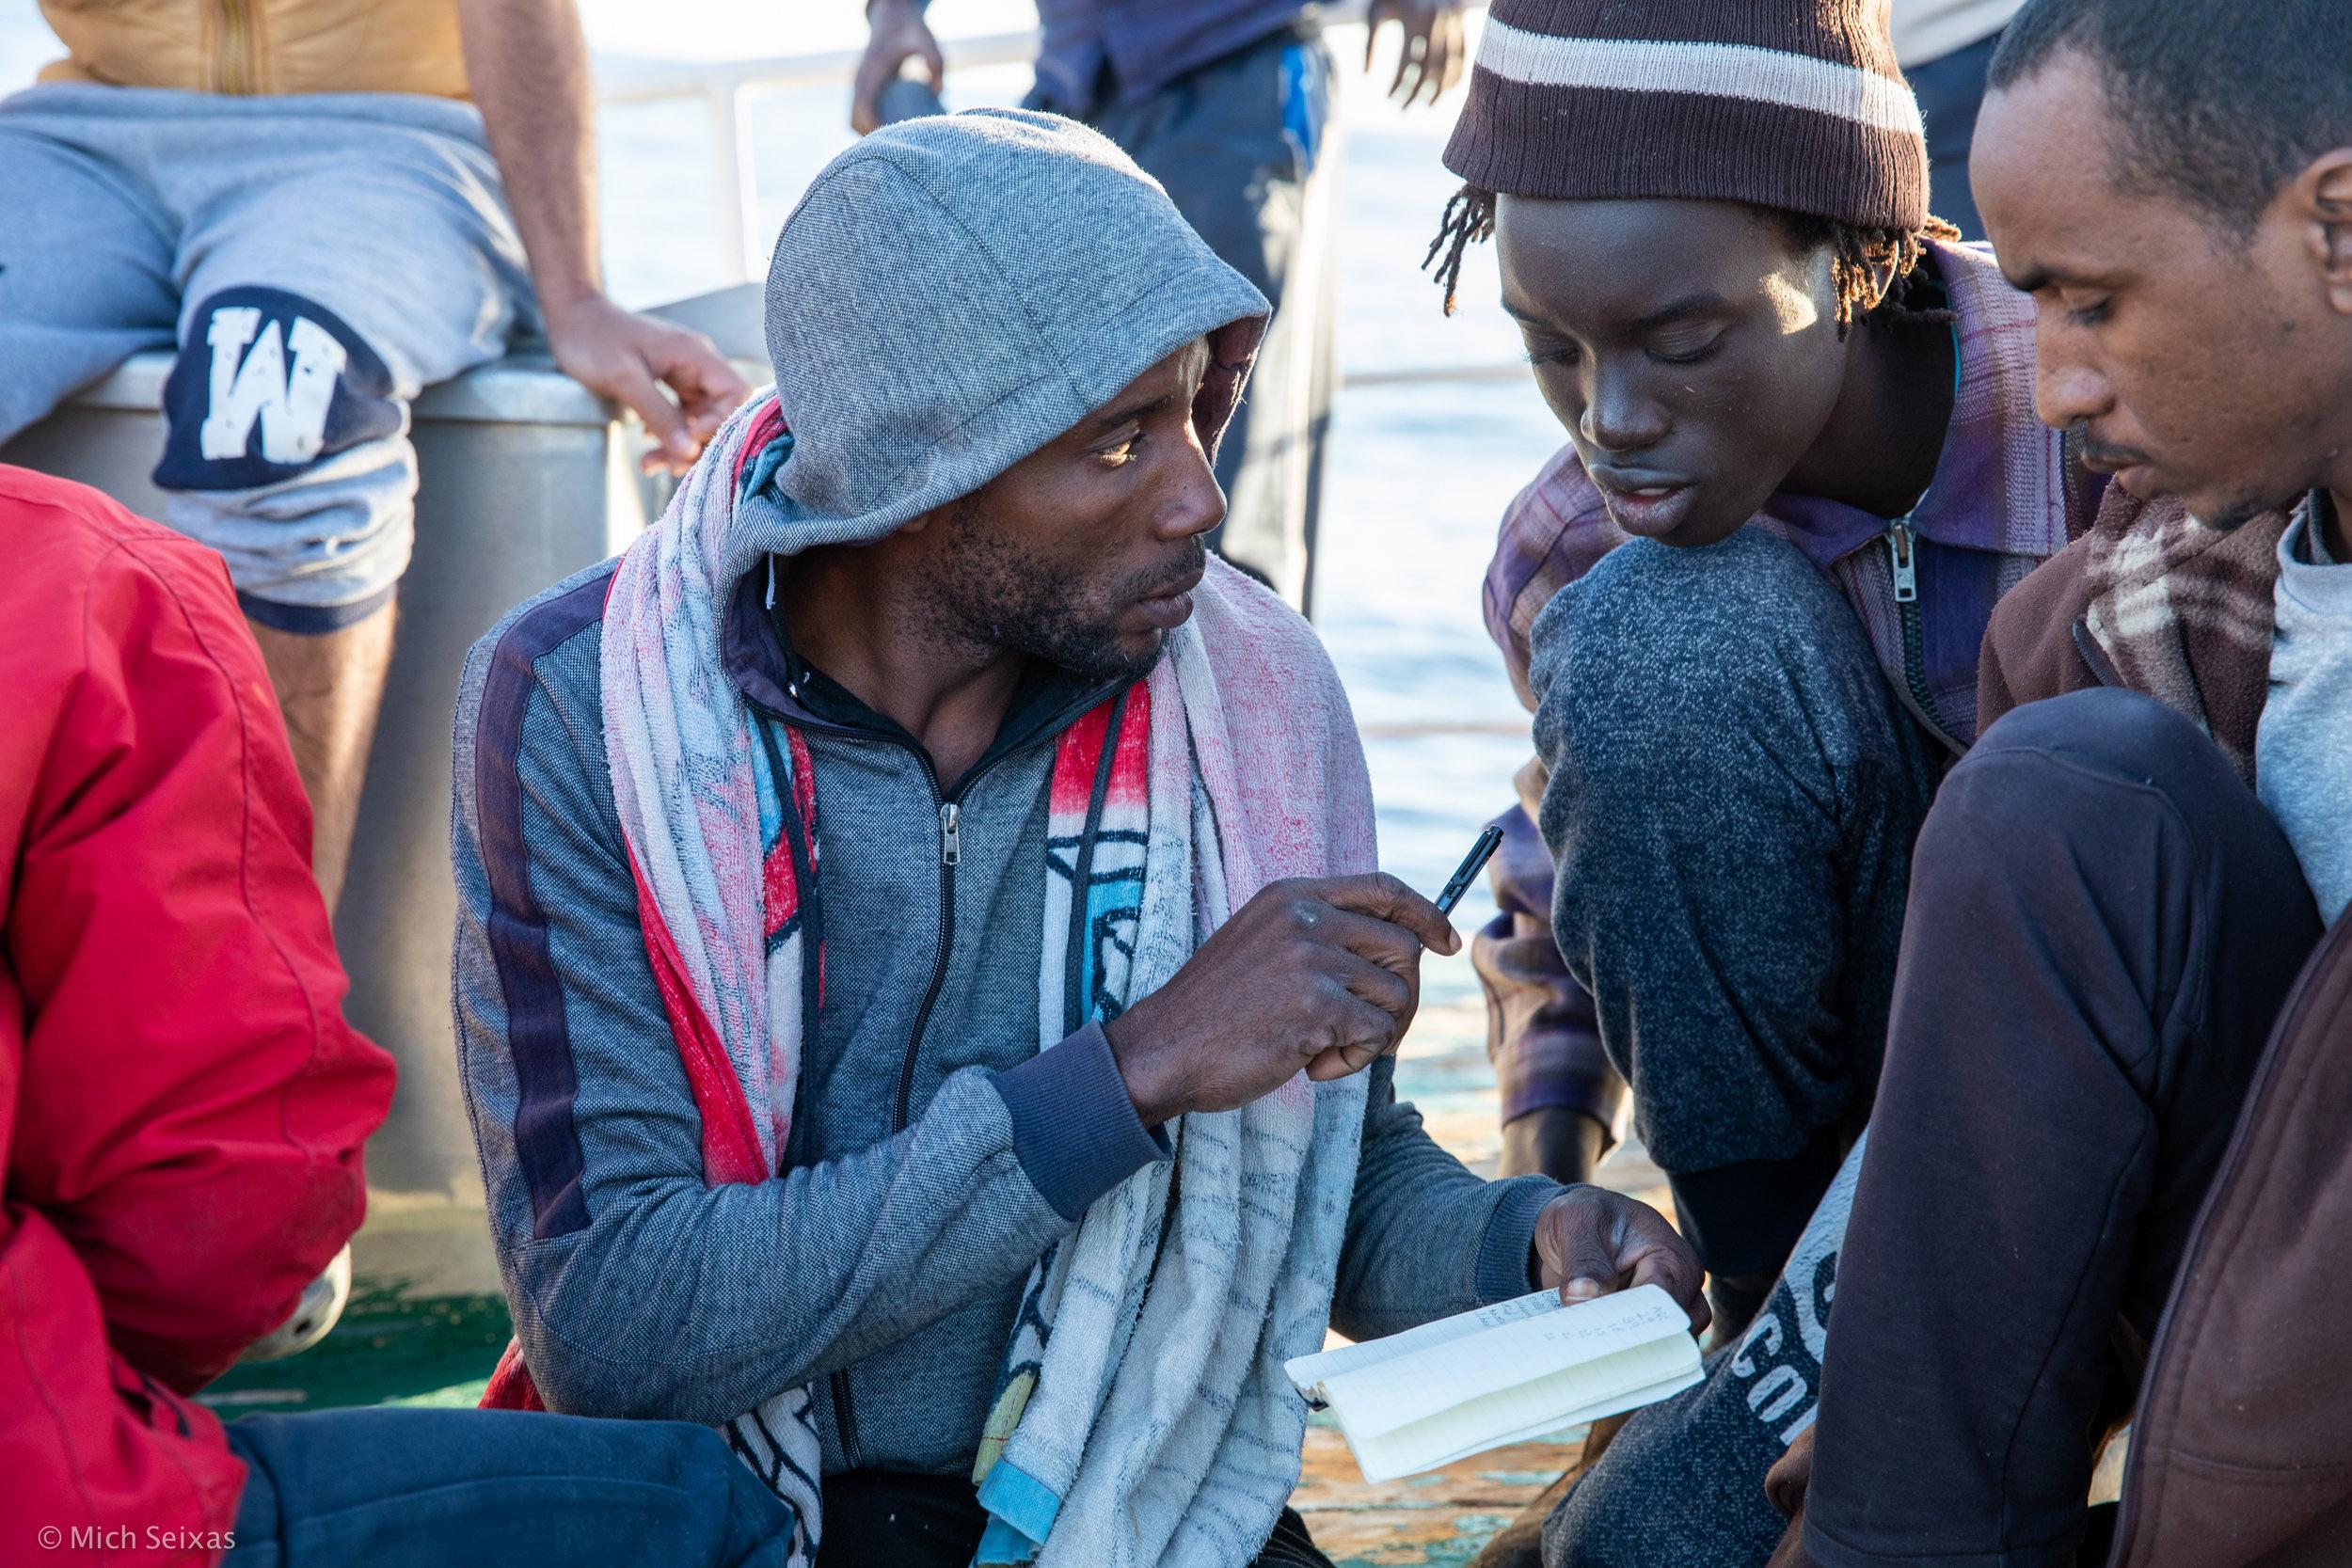 mediterranea-open-arms-madre-de-loreto-pescadores_refugiados-michseixas-9114.jpg